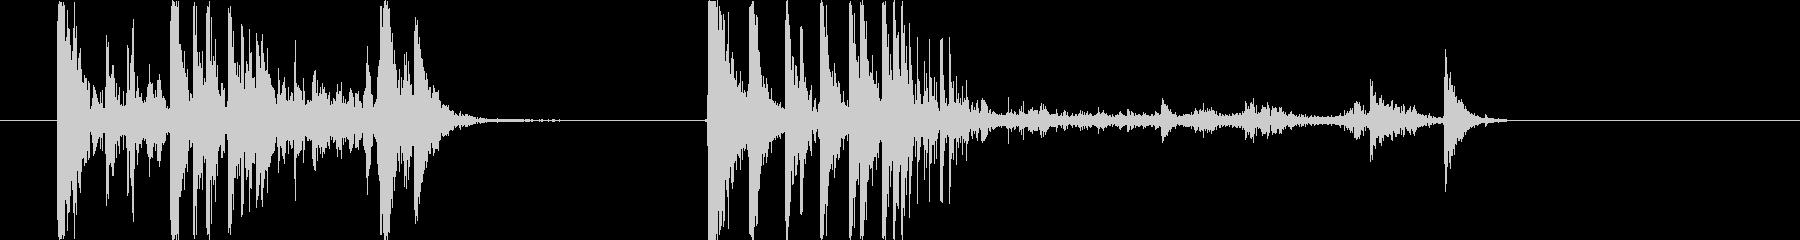 ガターボール(2x);ボウリングガ...の未再生の波形